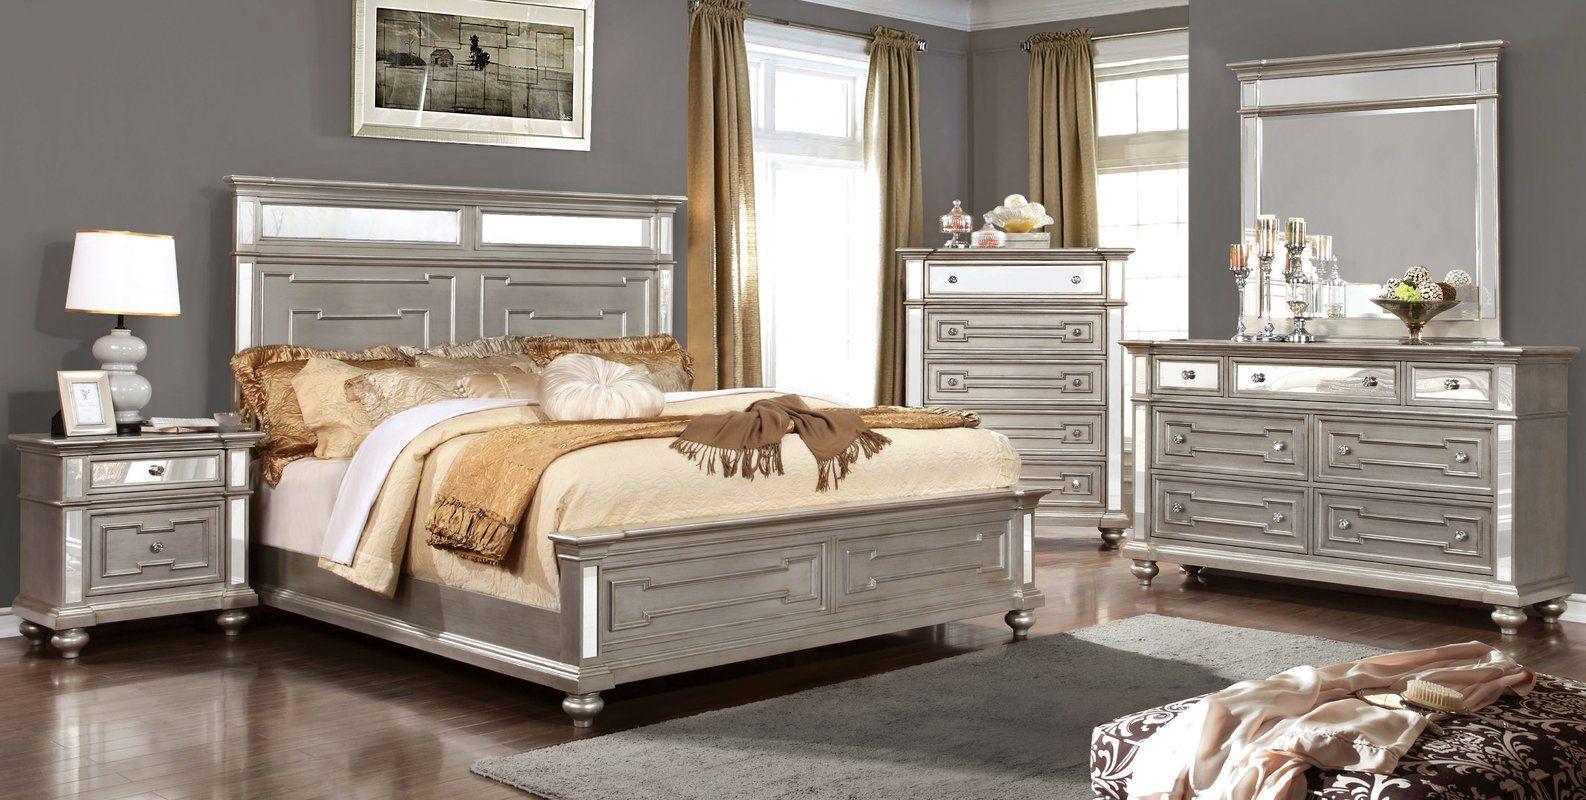 Ronna Platform Configurable Bedroom Set Country Bedroom Furniture Bedroom Set Contemporary Bedroom Furniture Sets